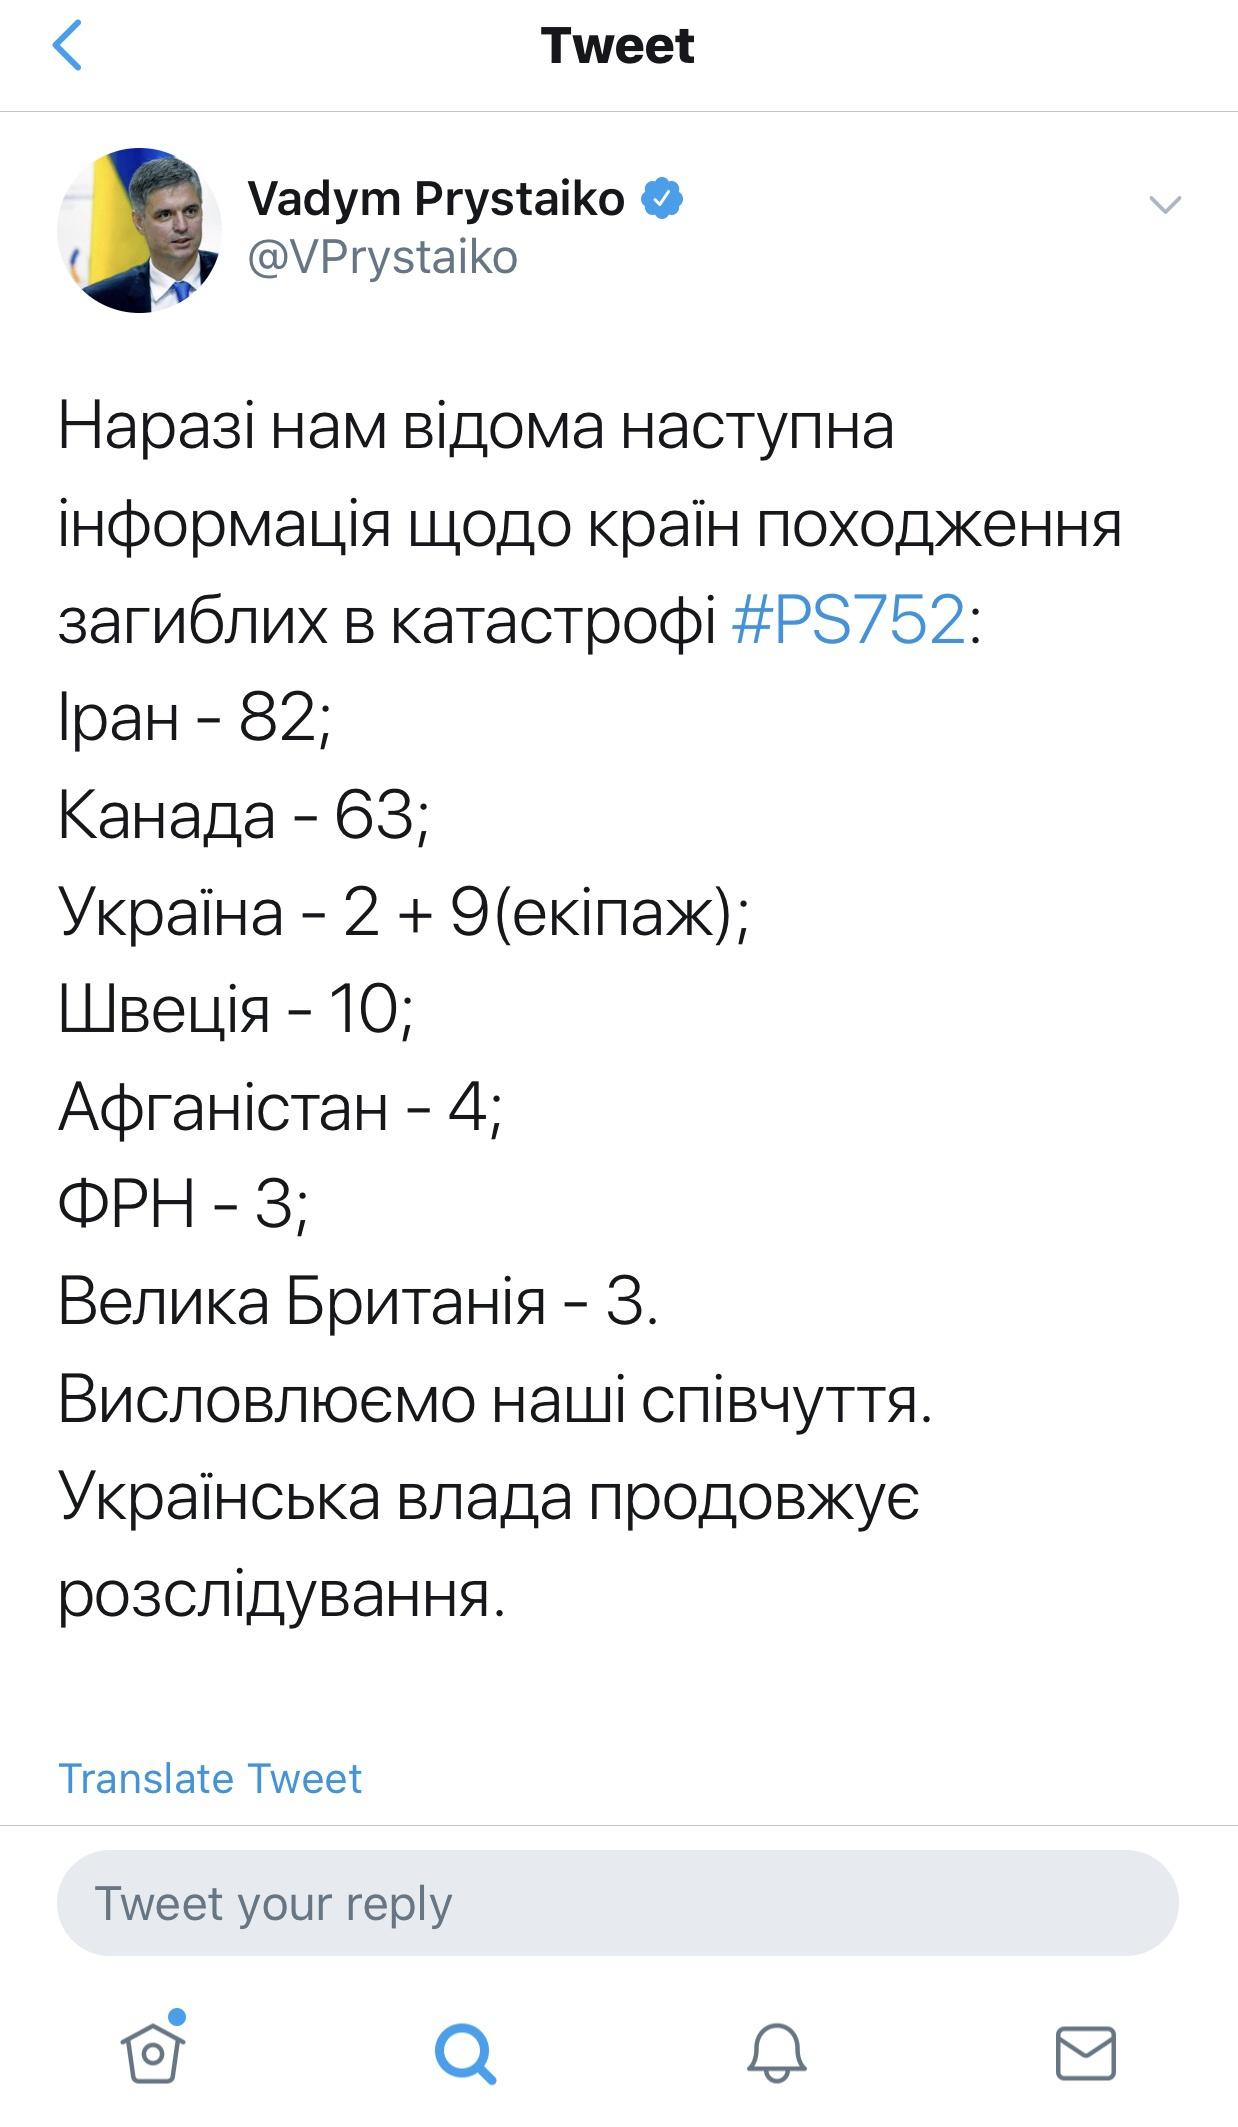 乌克兰外交部长普里斯泰科(Vadym Prystaiko)在社交平台公布遇难者国籍信息。 网络截图。